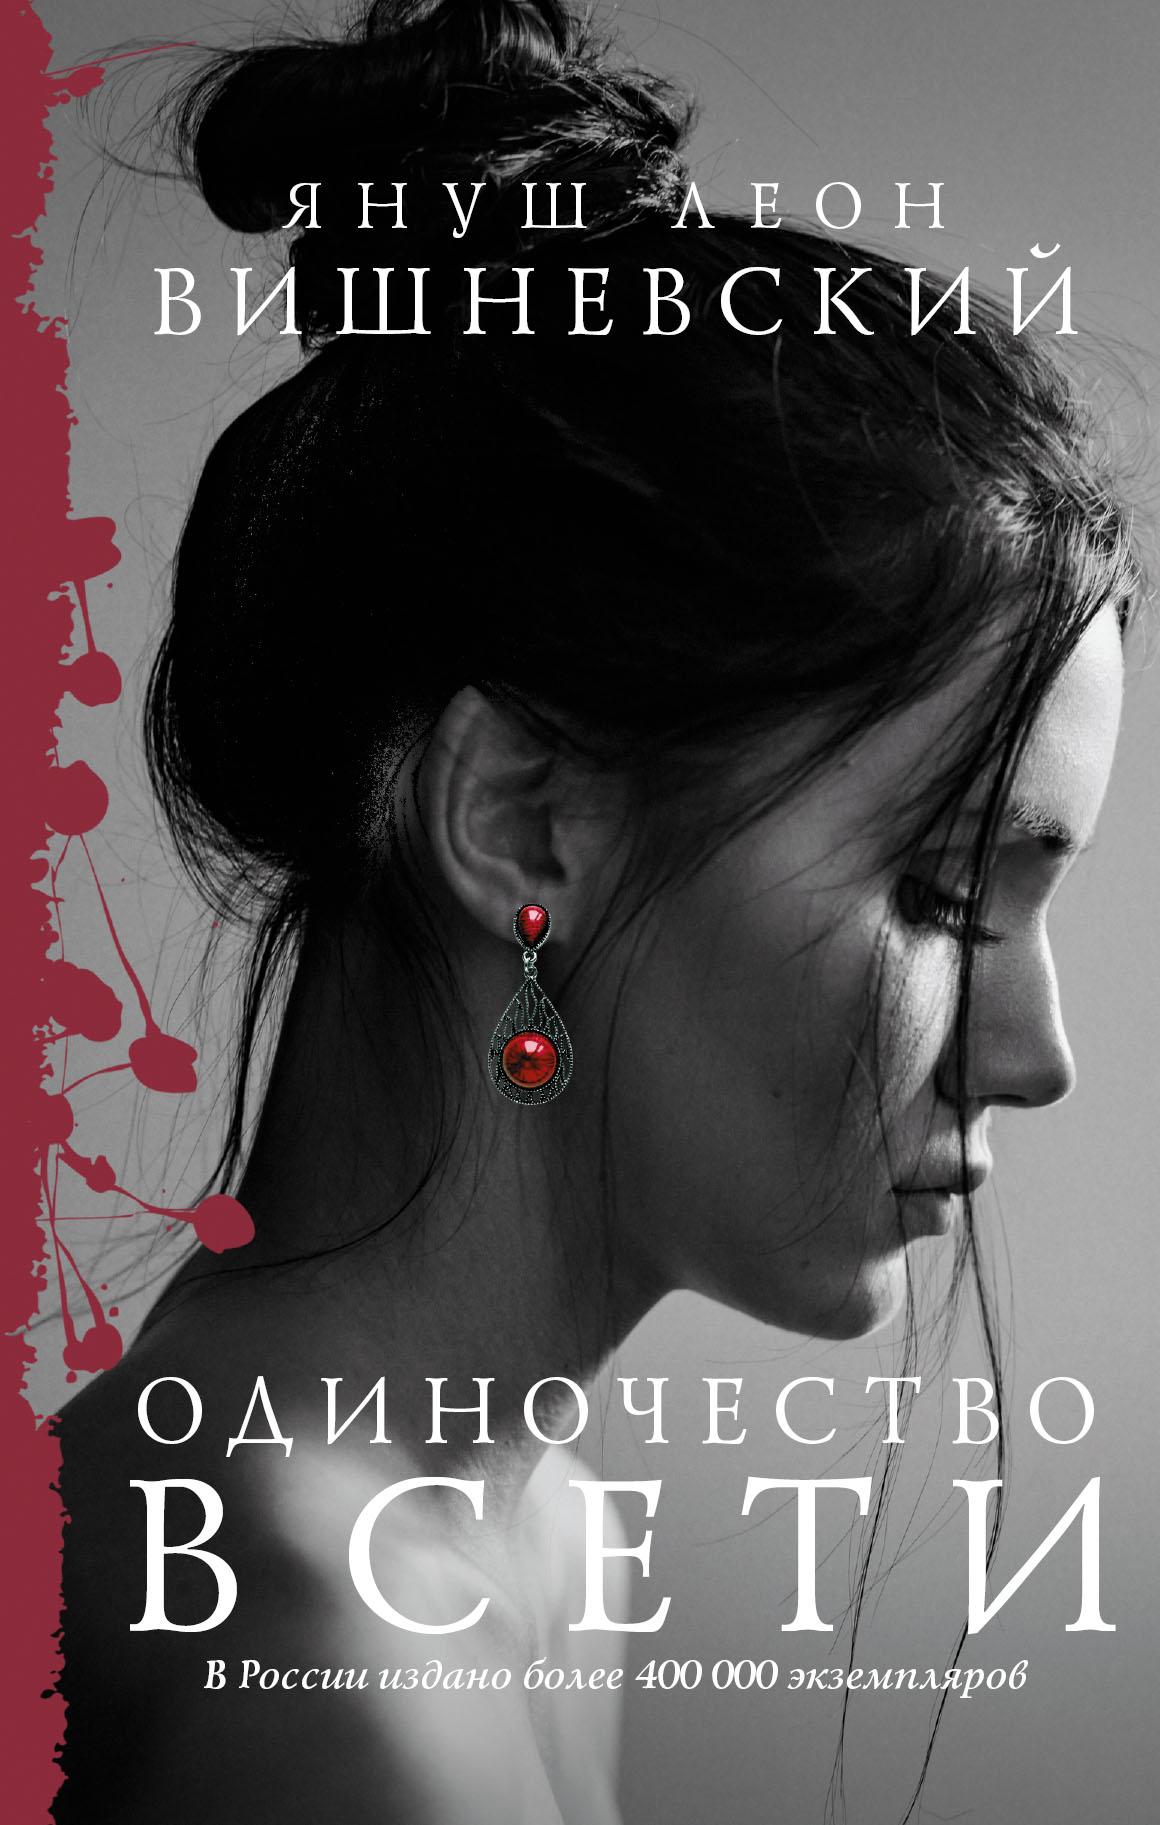 Вишневский Я.Л. Одиночество в Сети ISBN: 978-5-17-102070-5